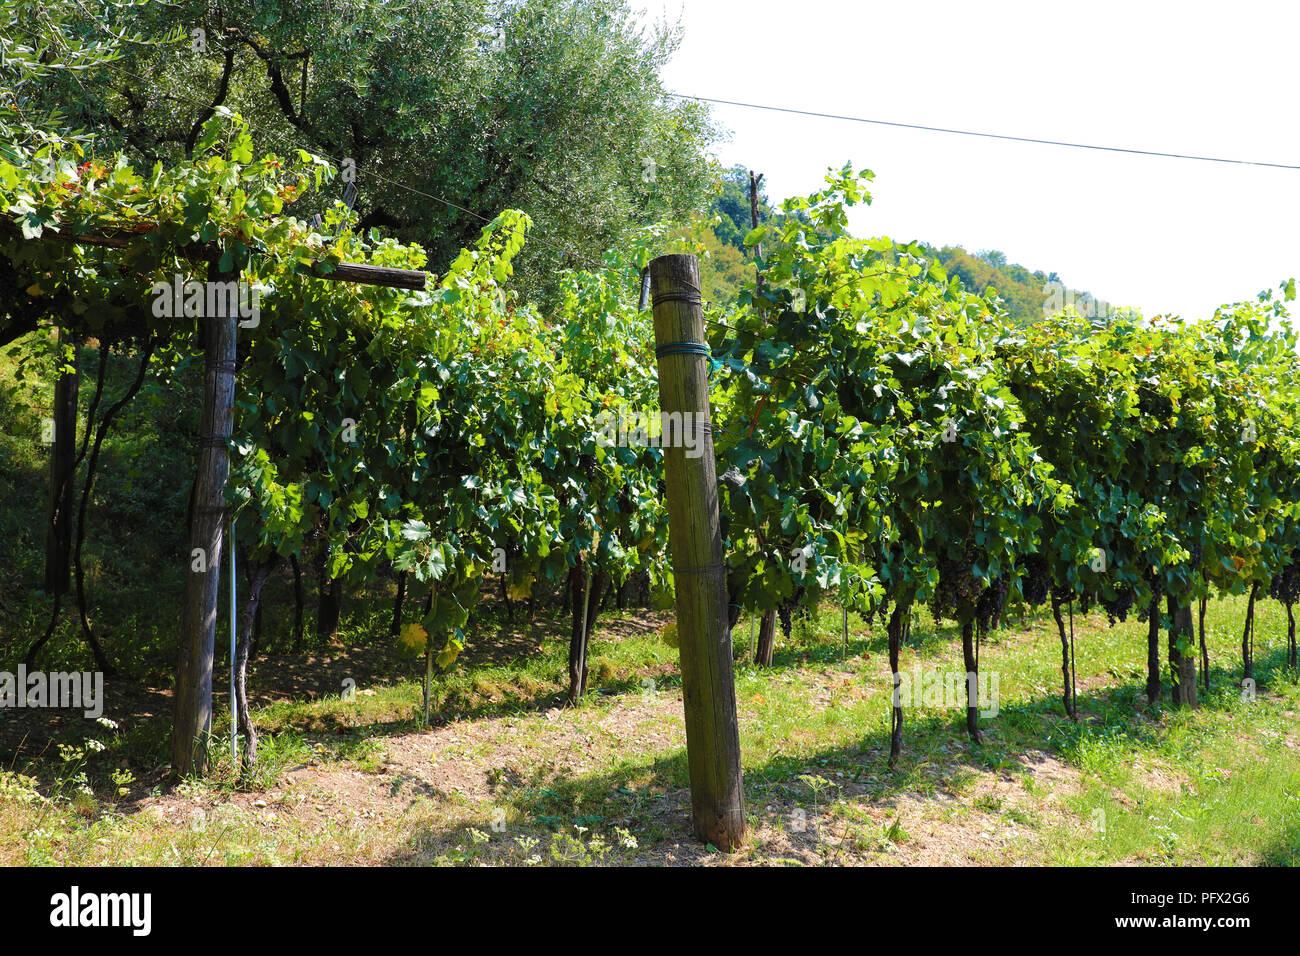 Vineyard at Monte Isola, Lake Iseo, Italy - Stock Image